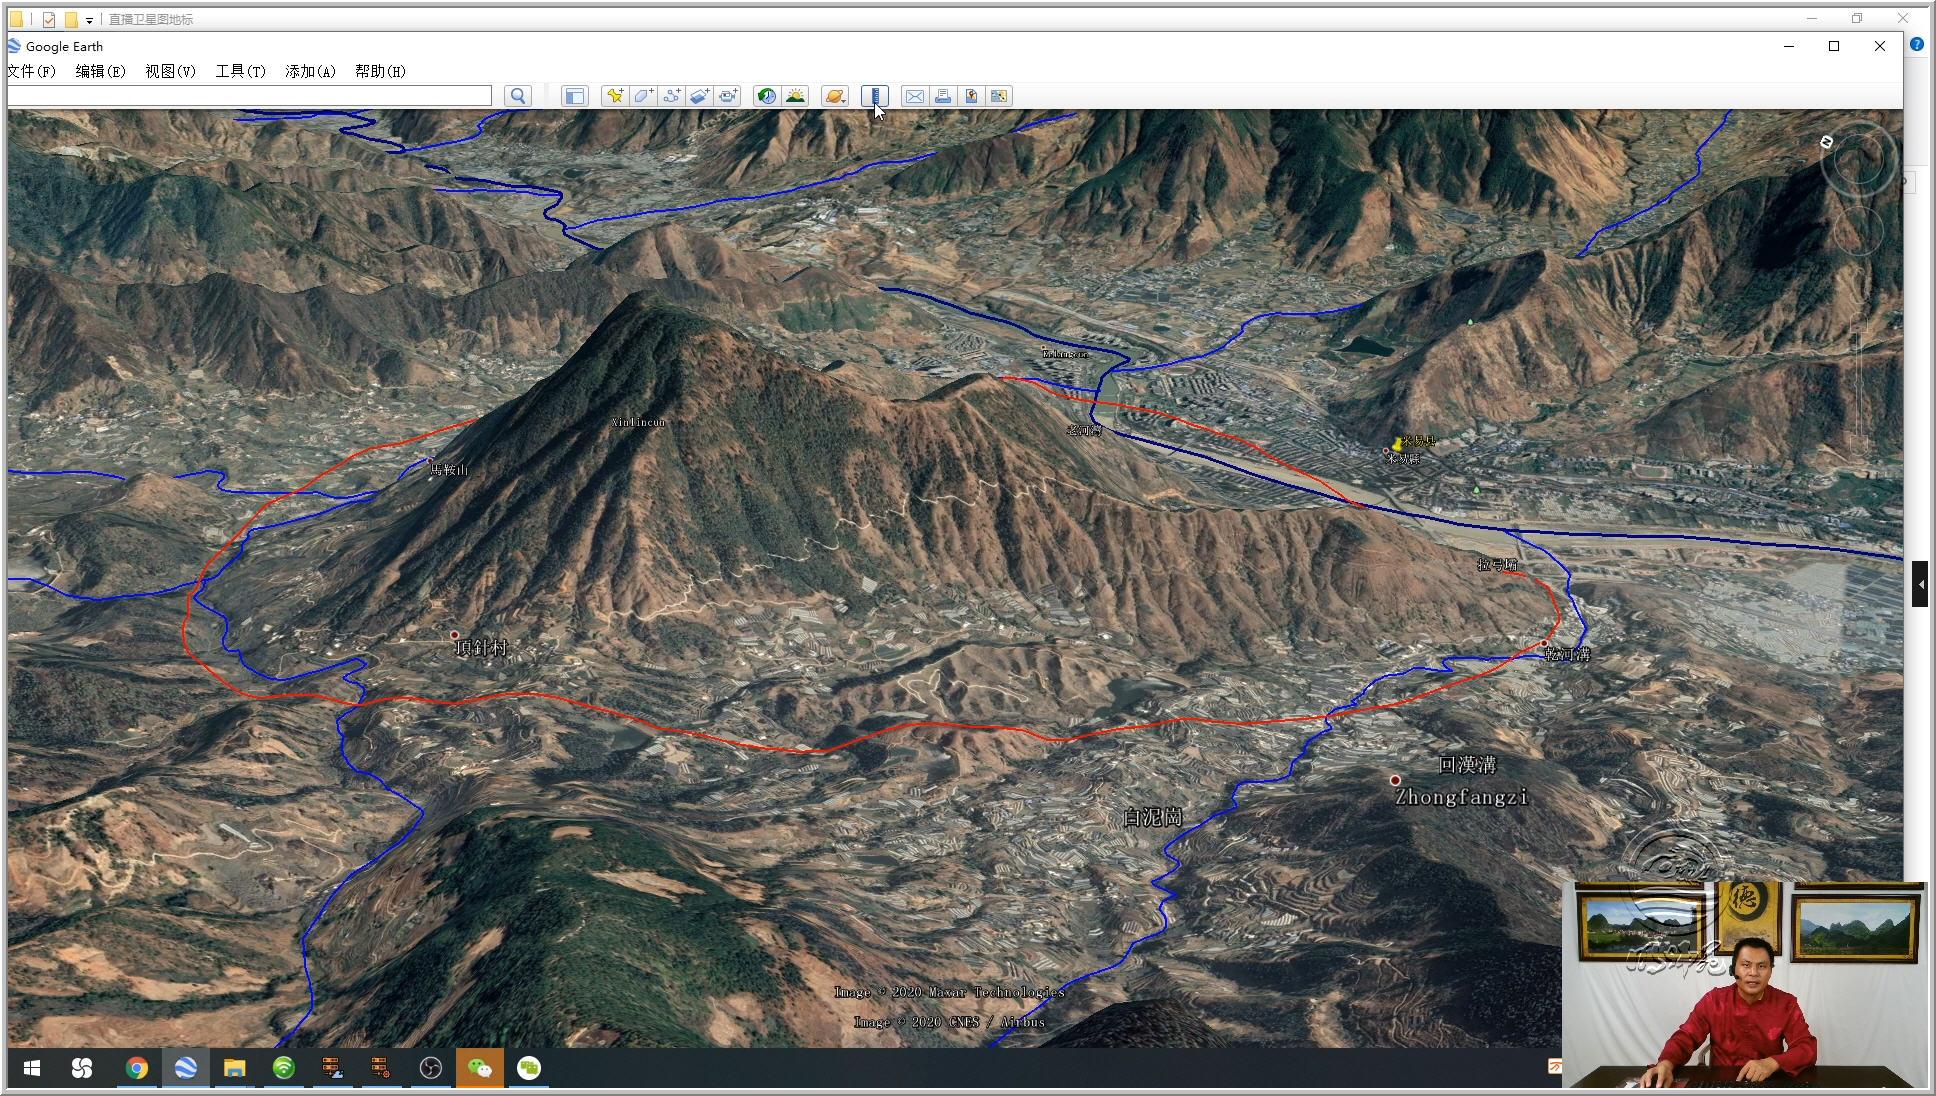 第29场 :深化卫星图应用 2020-07-25